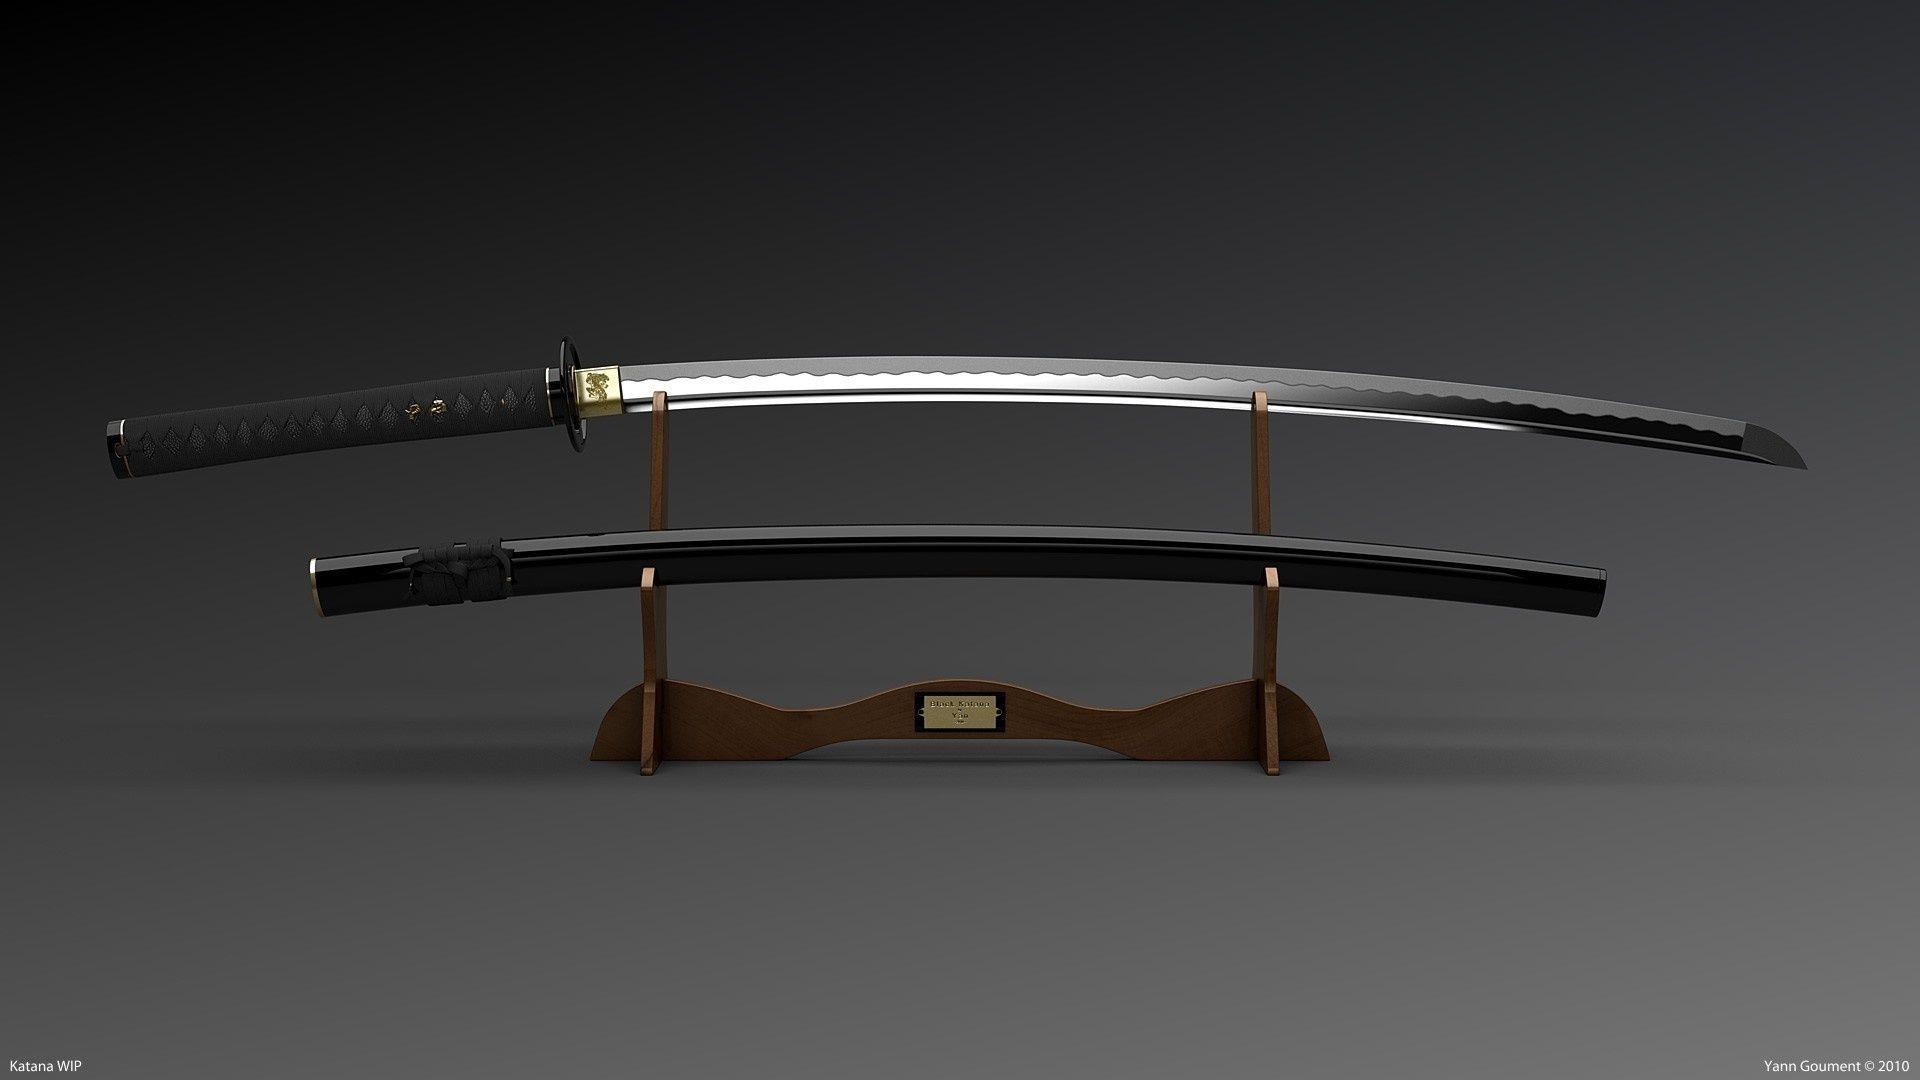 Sword background wallpaper